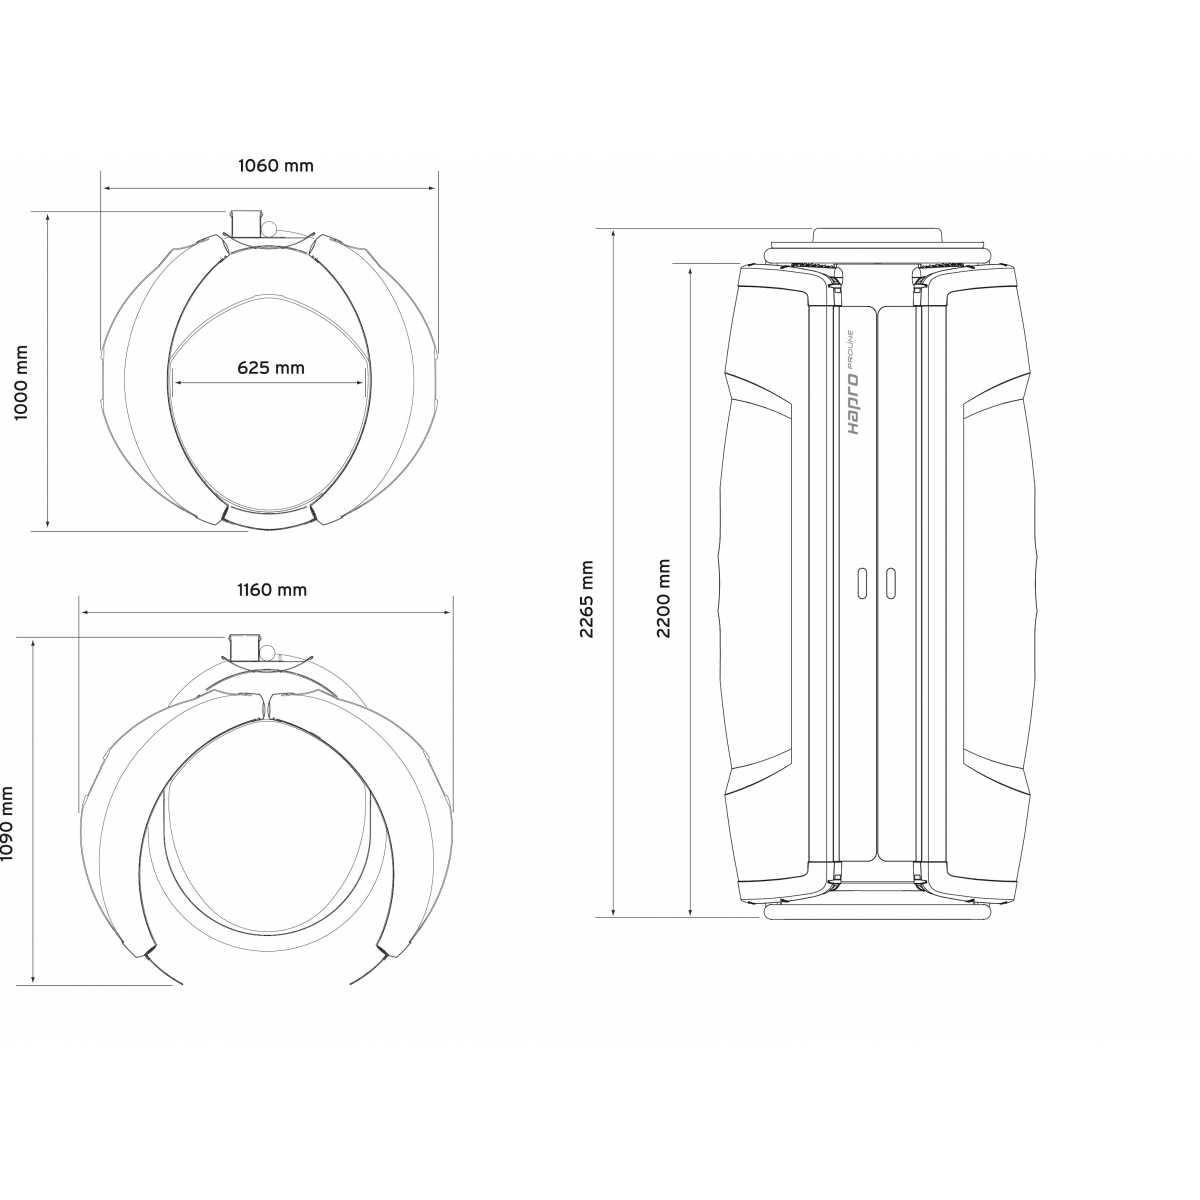 Hapro Collagen & Sun 28V Intensive - Solarium vertical - Soláriums domésticos - Hapro